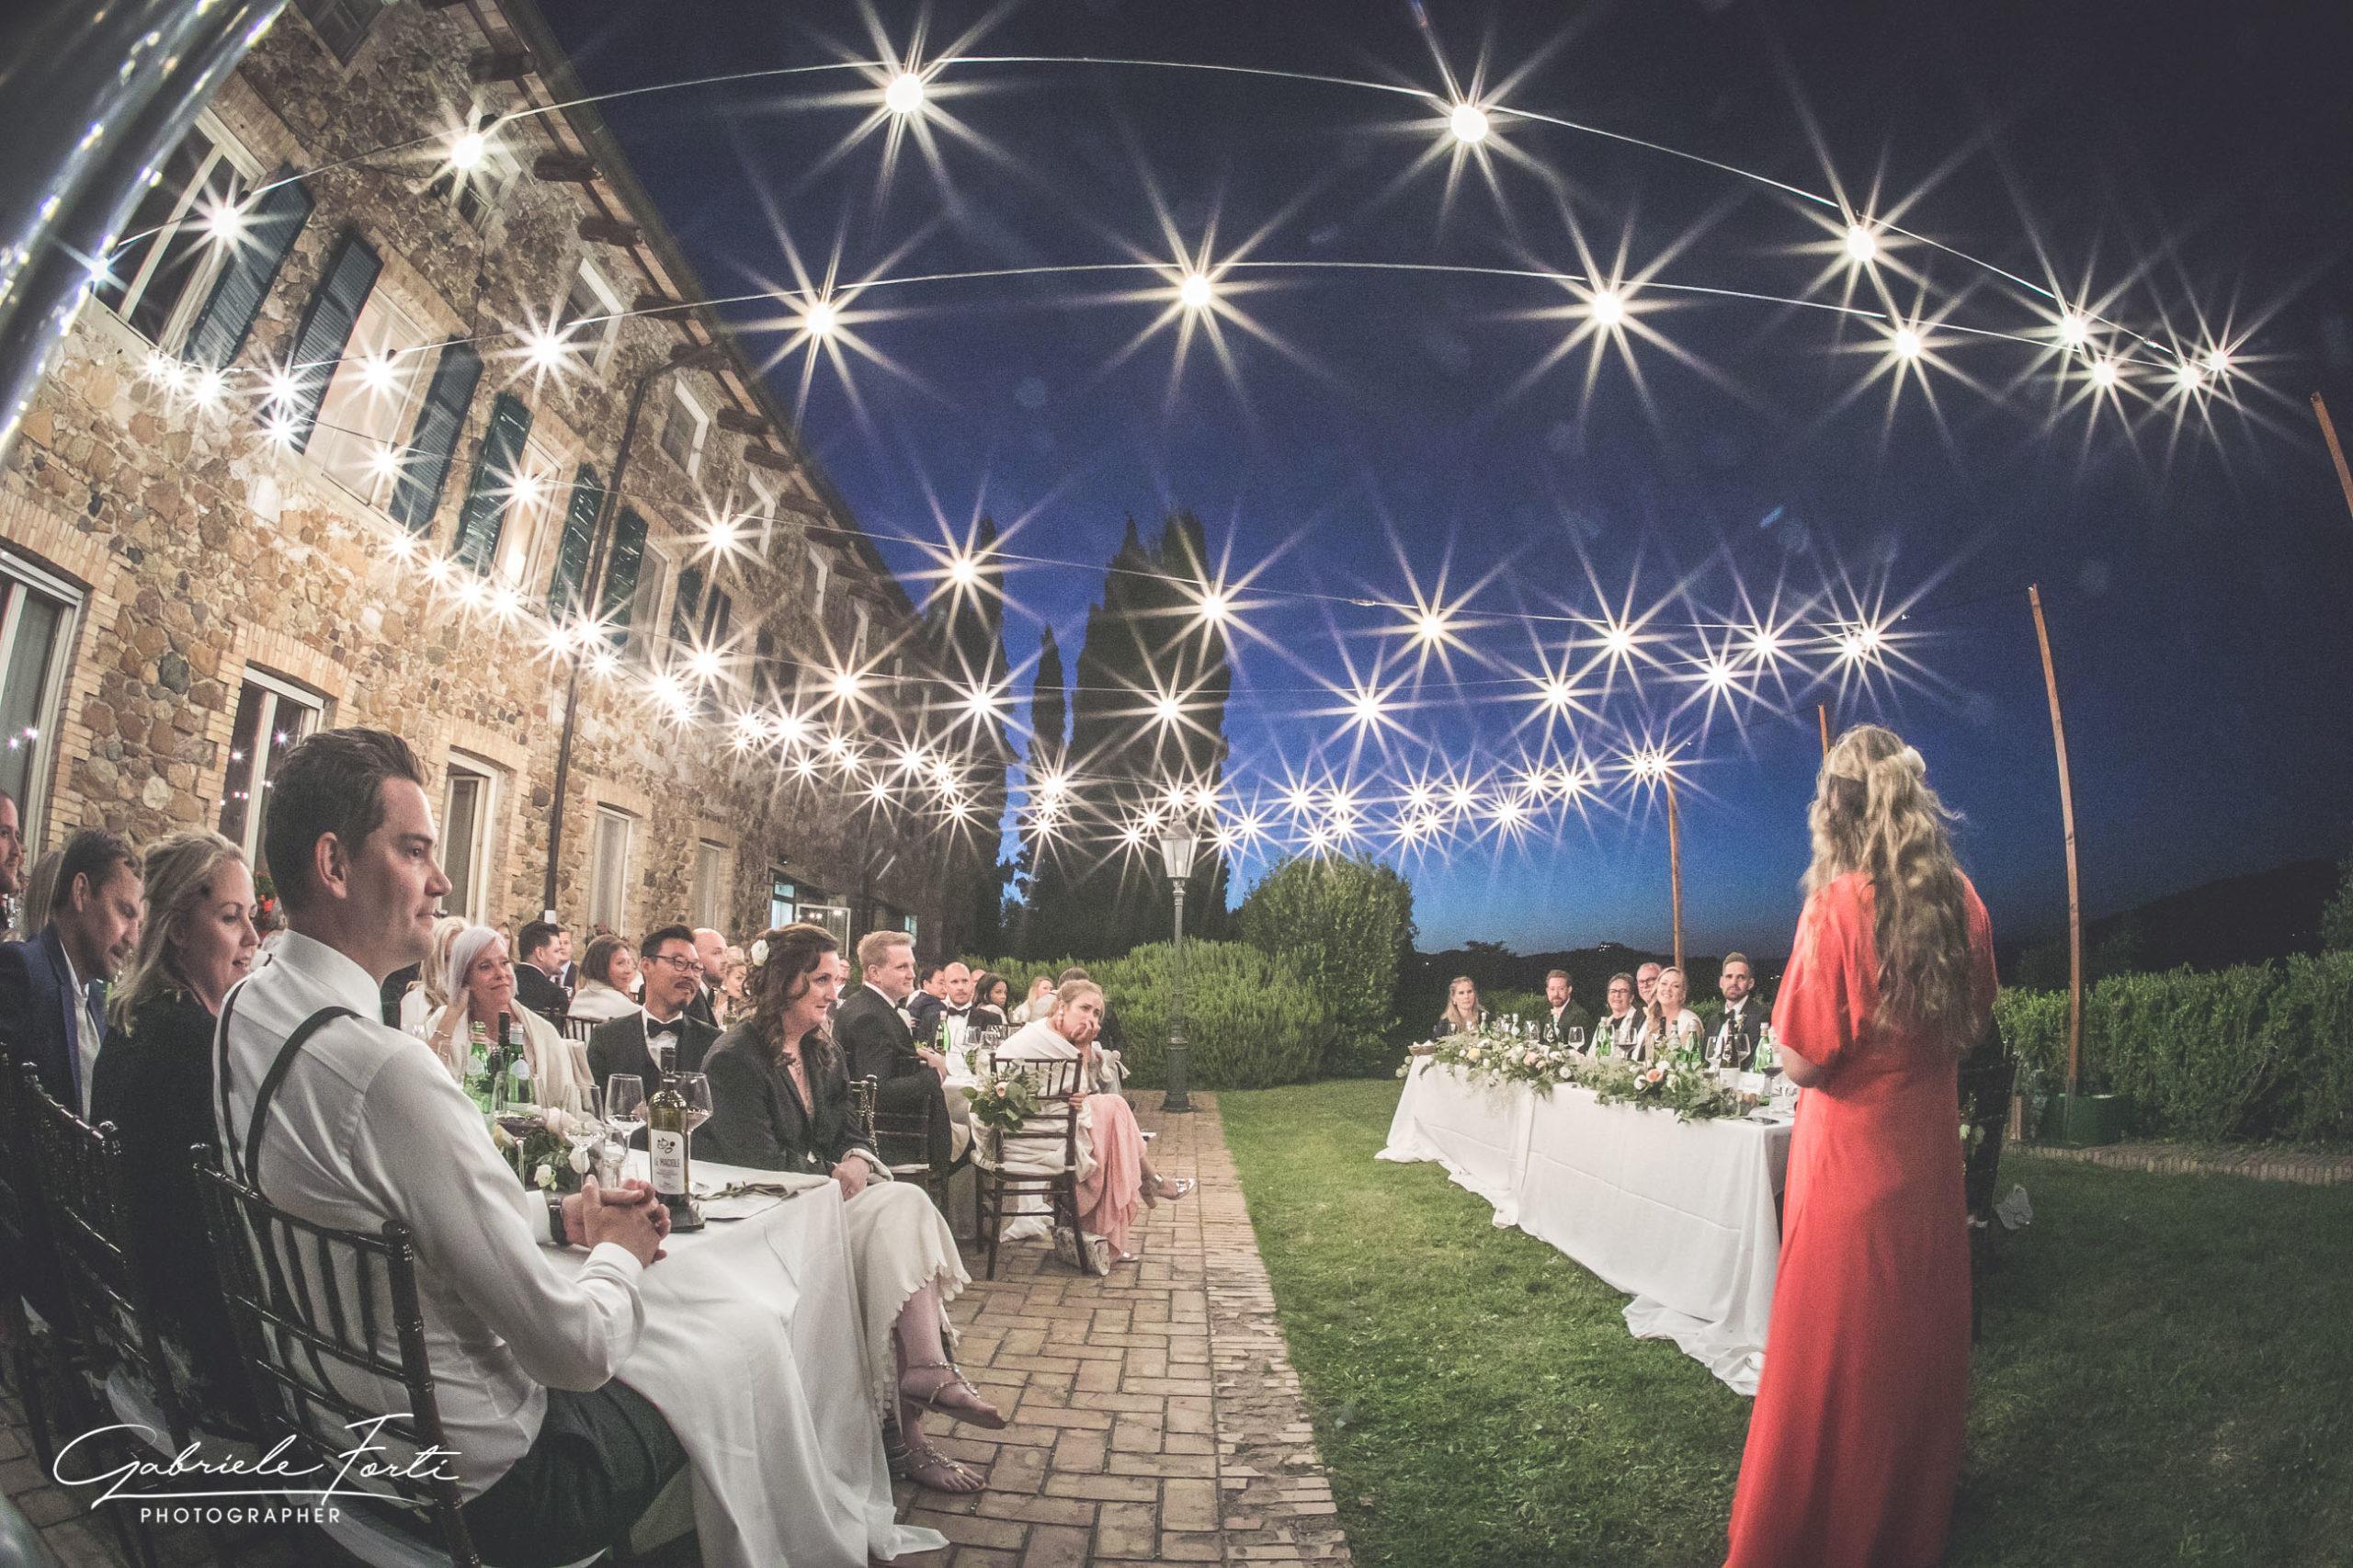 Wedding-tuscany-italy-siena-firenze-photographer-foto-forti-gabriele-7